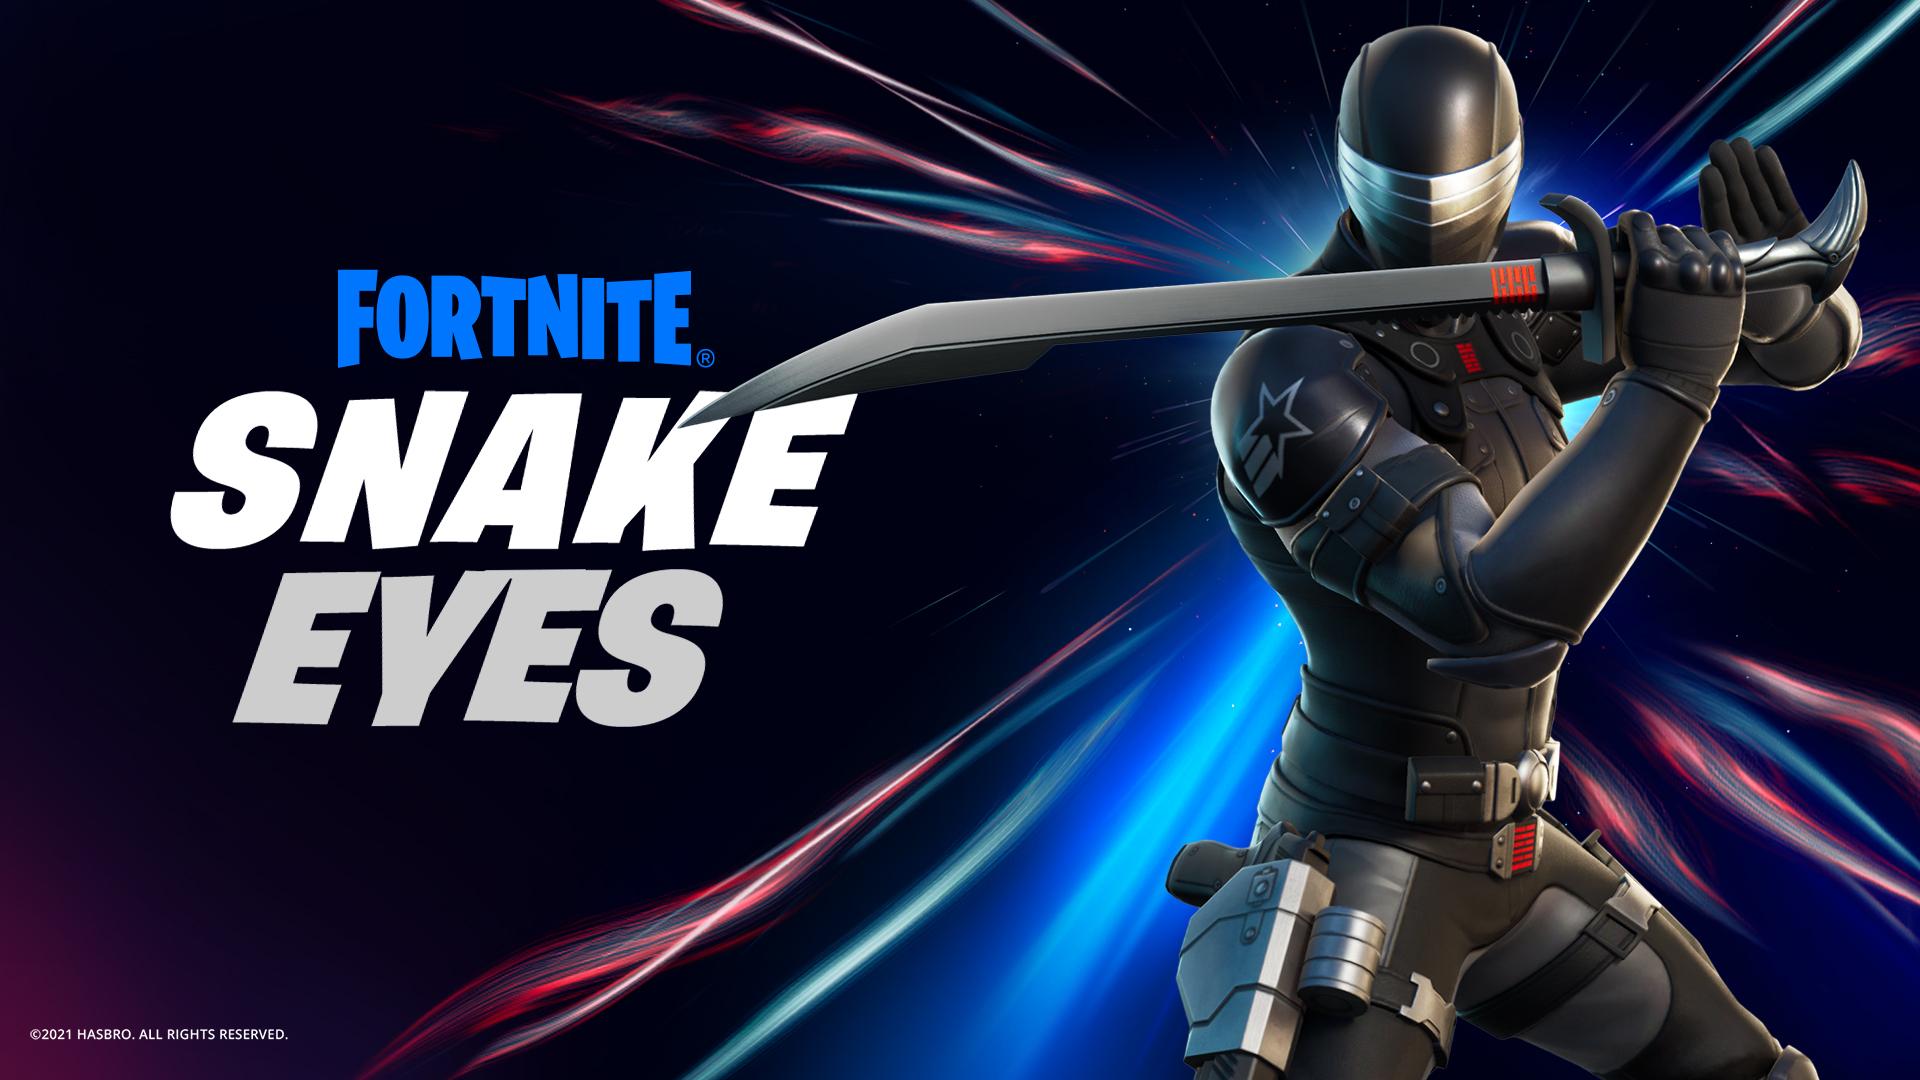 Fortnite Snake Eyes G.I. Joe skin